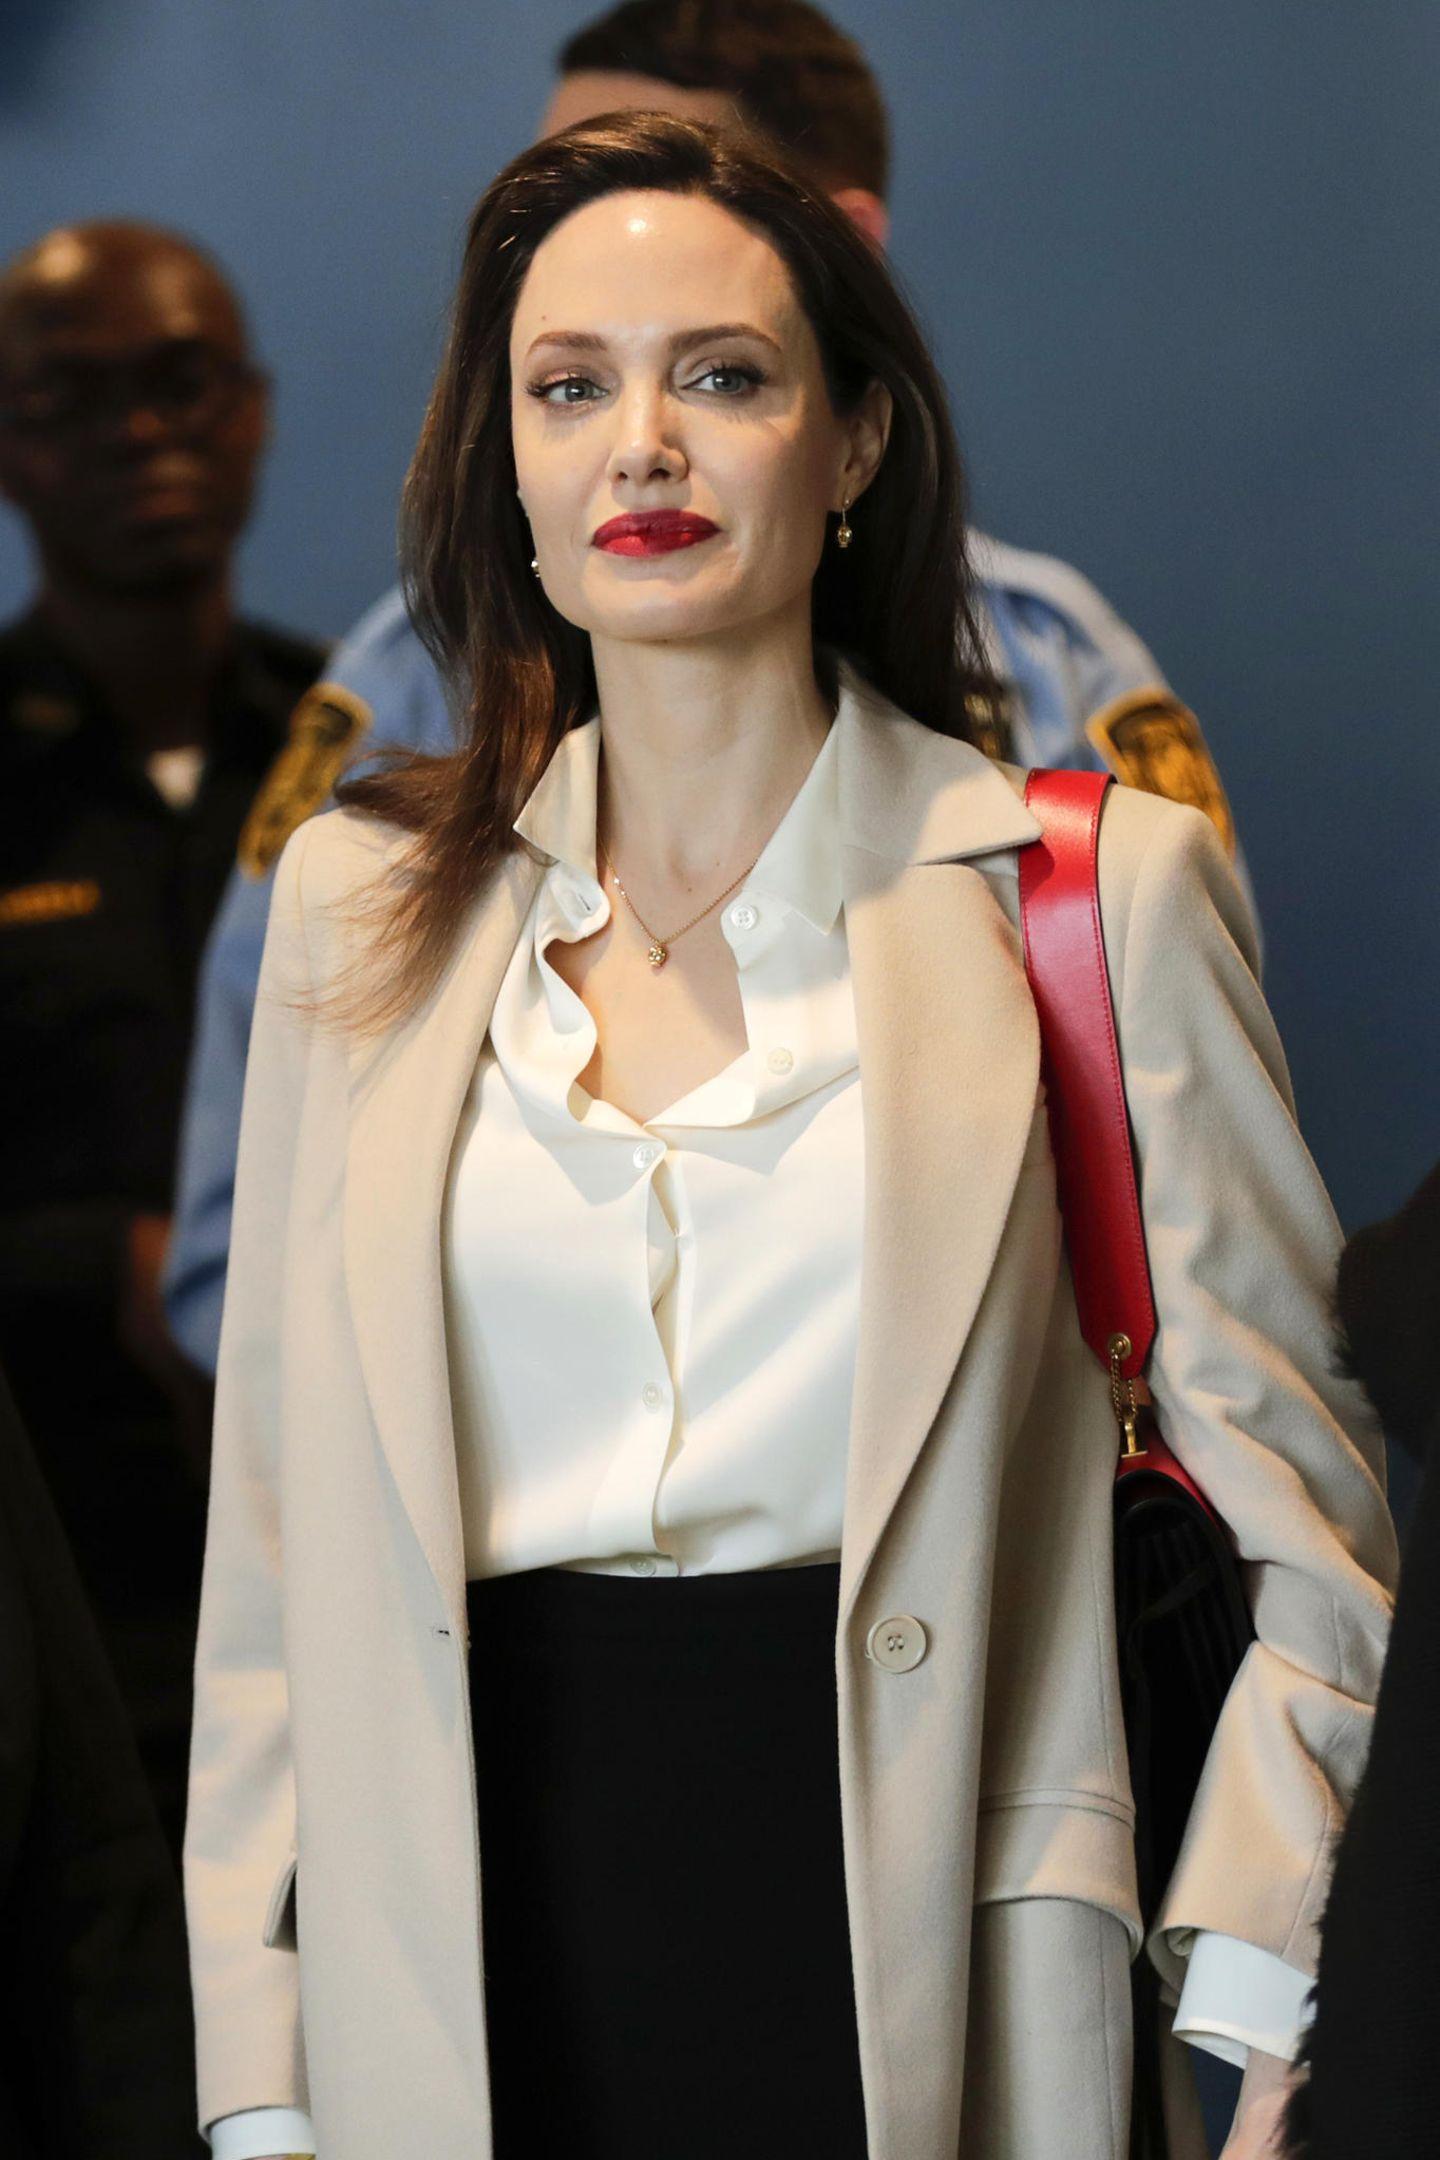 Nur bei ihrem Lippenstift und bei Accessoires macht die Hollywood-Schönheiteine Ausnahme. Diese dürfen auch schon einmal knallig rot sein.